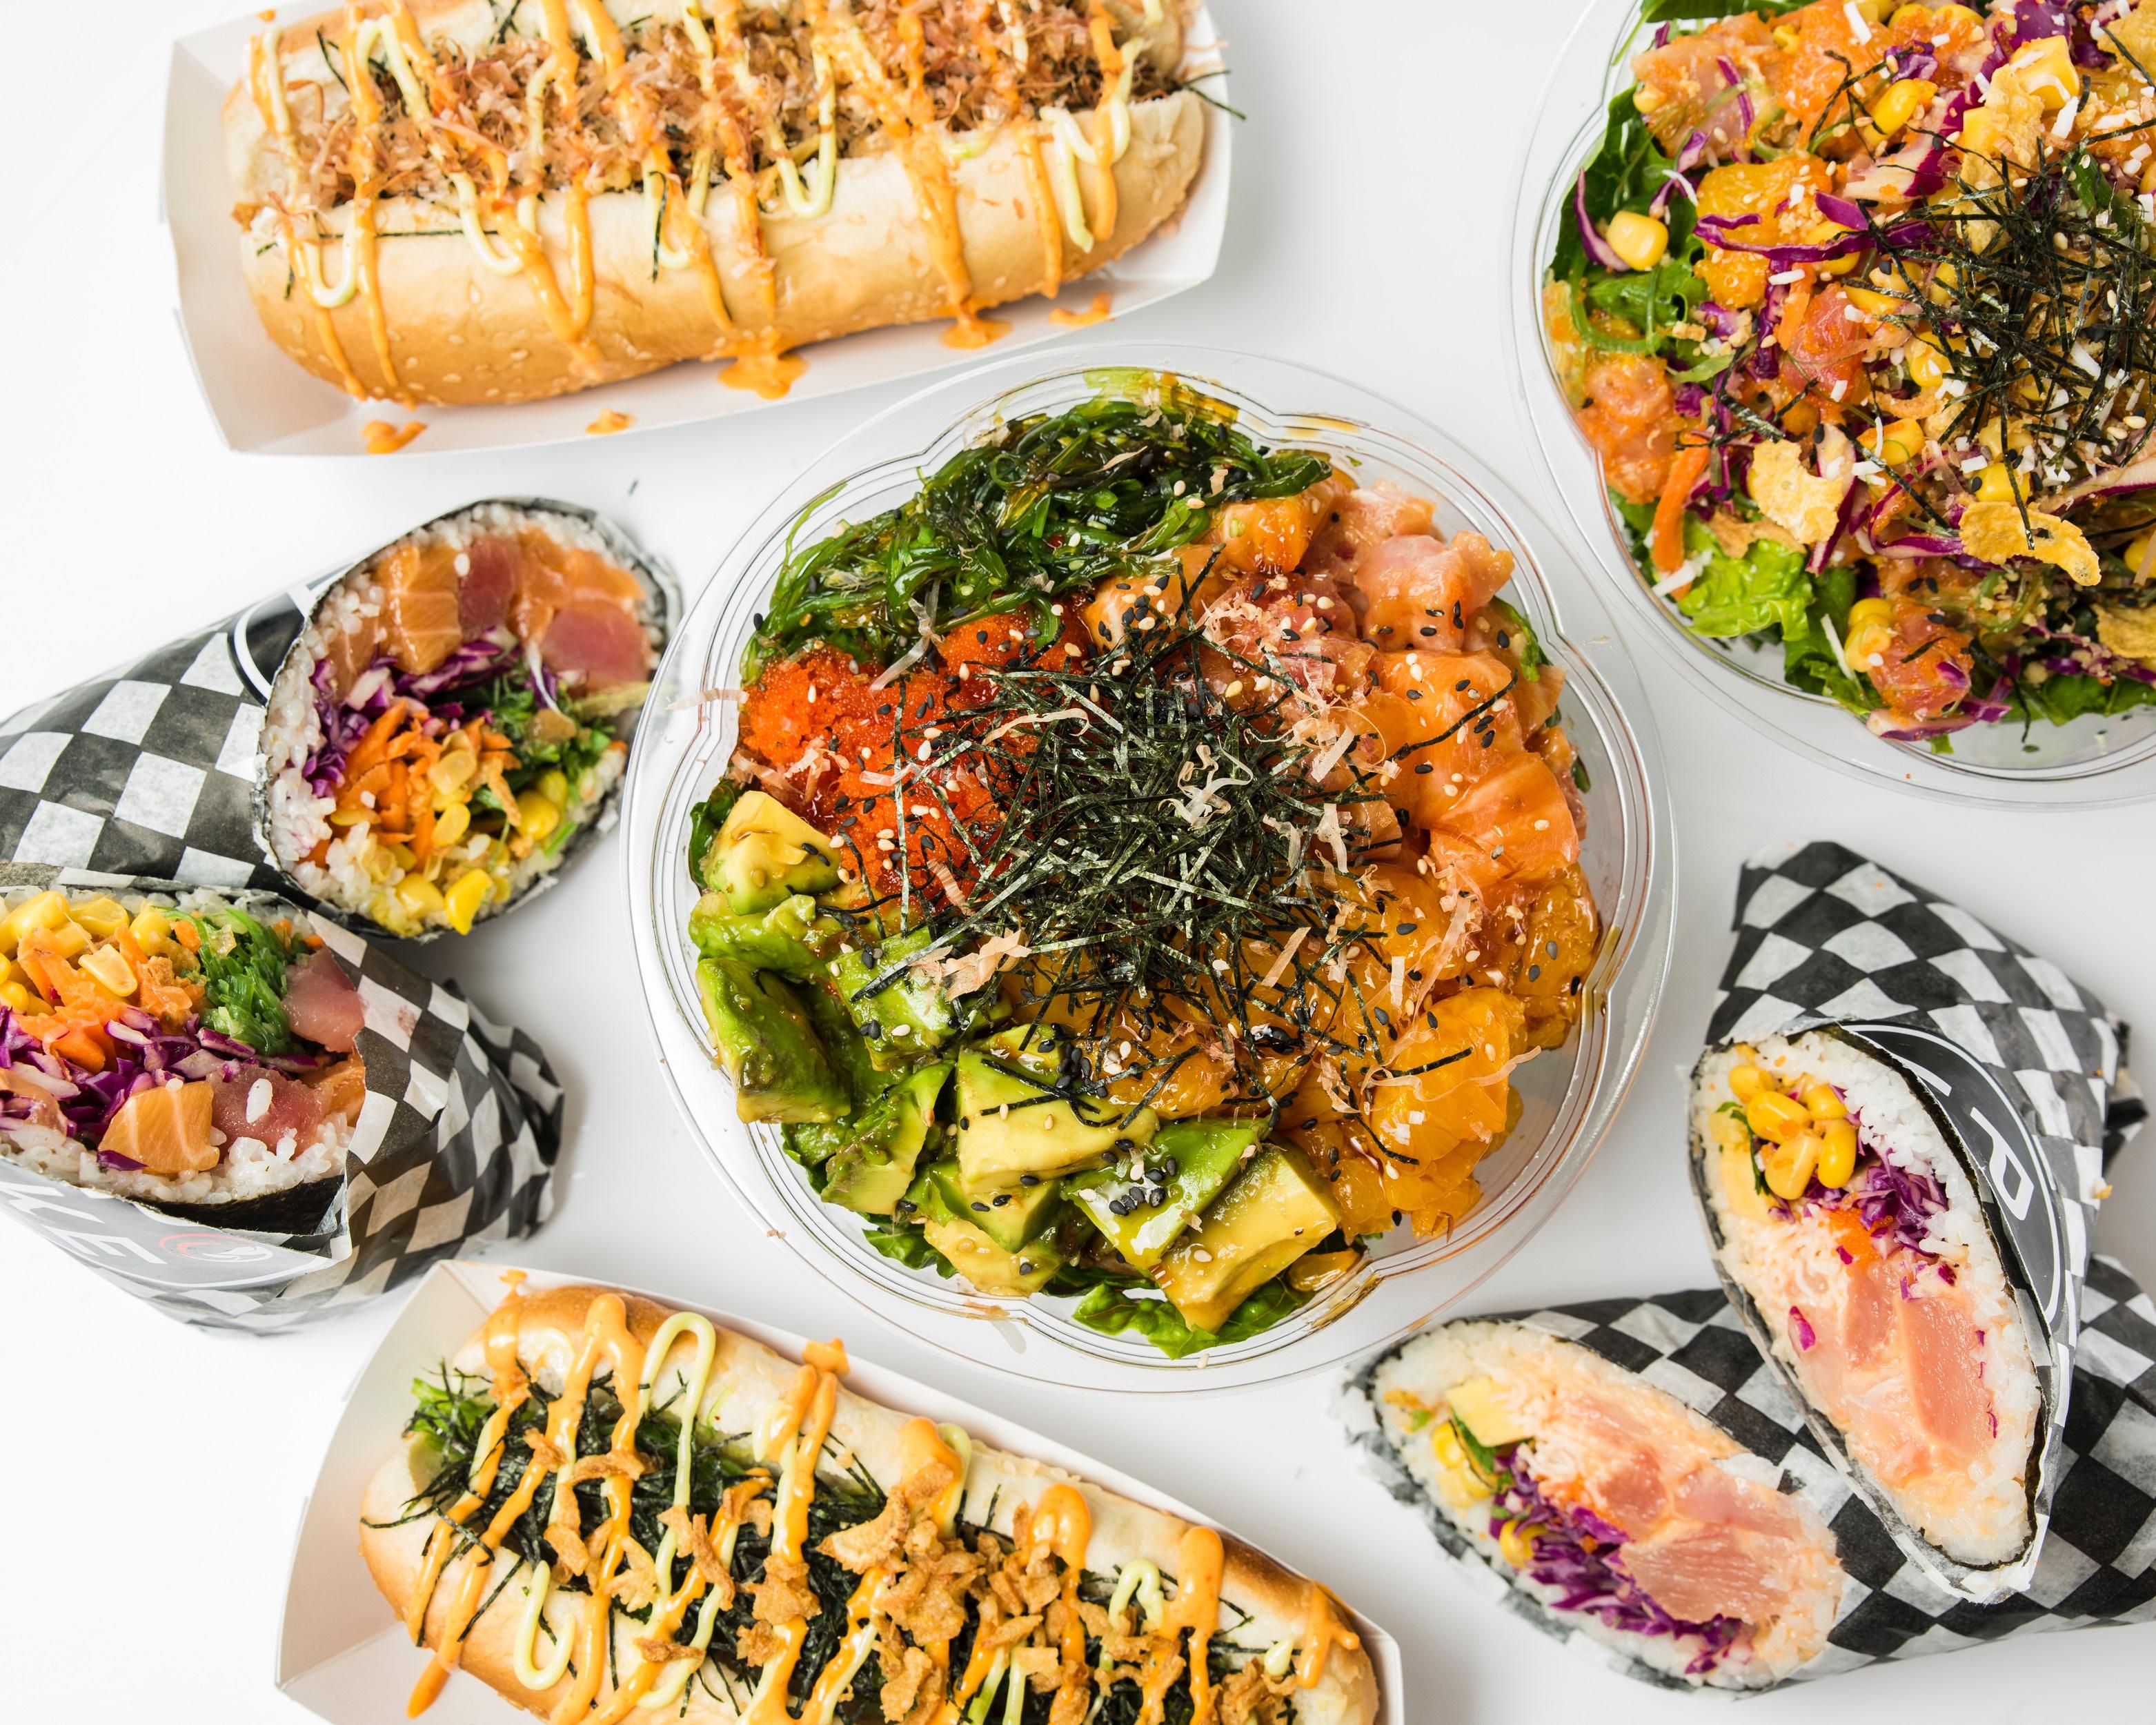 松井山手でランチならココがおすすめ!イタリアンや和食など人気店を紹介!